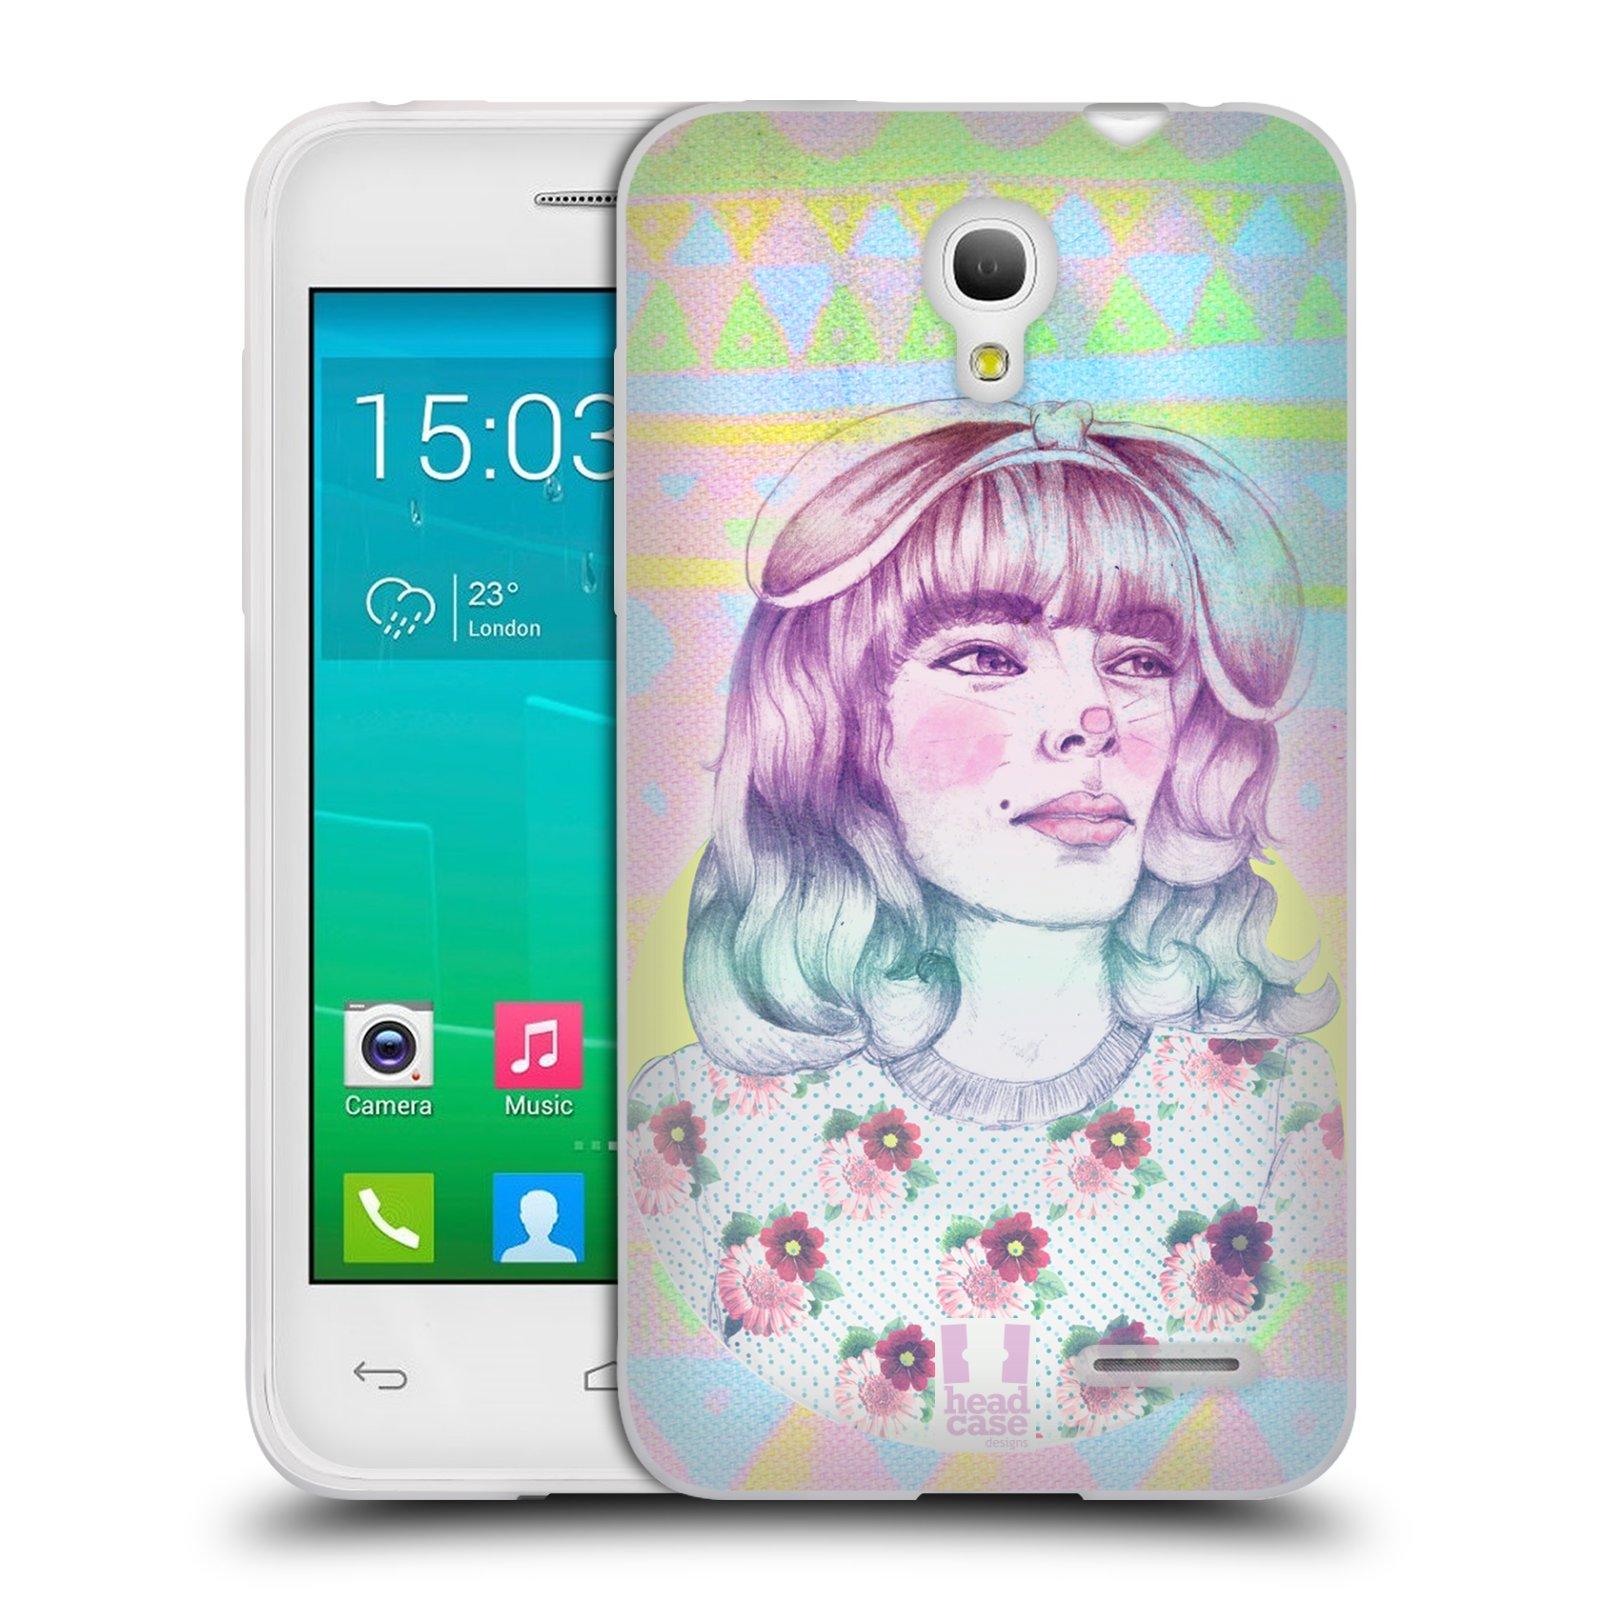 HEAD CASE silikonový obal na mobil Alcatel POP S3 OT-5050Y vzor Děvče zvířecí tématika zajíček